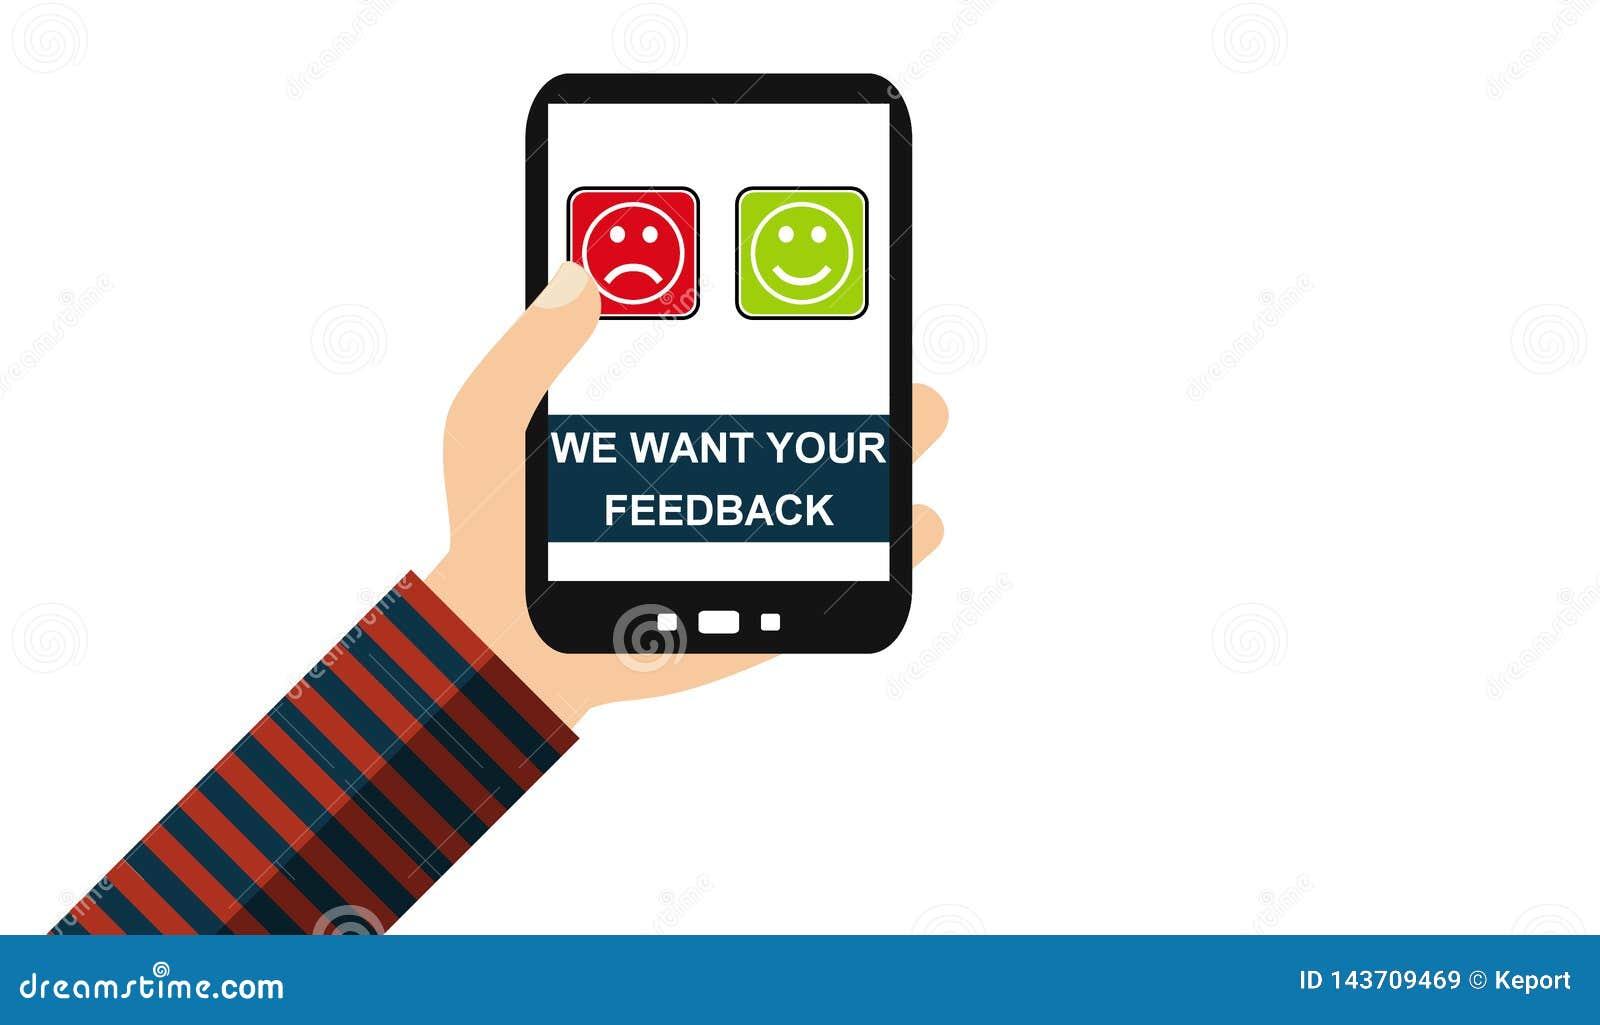 Mano con el teléfono móvil: Queremos su reacción - diseño plano